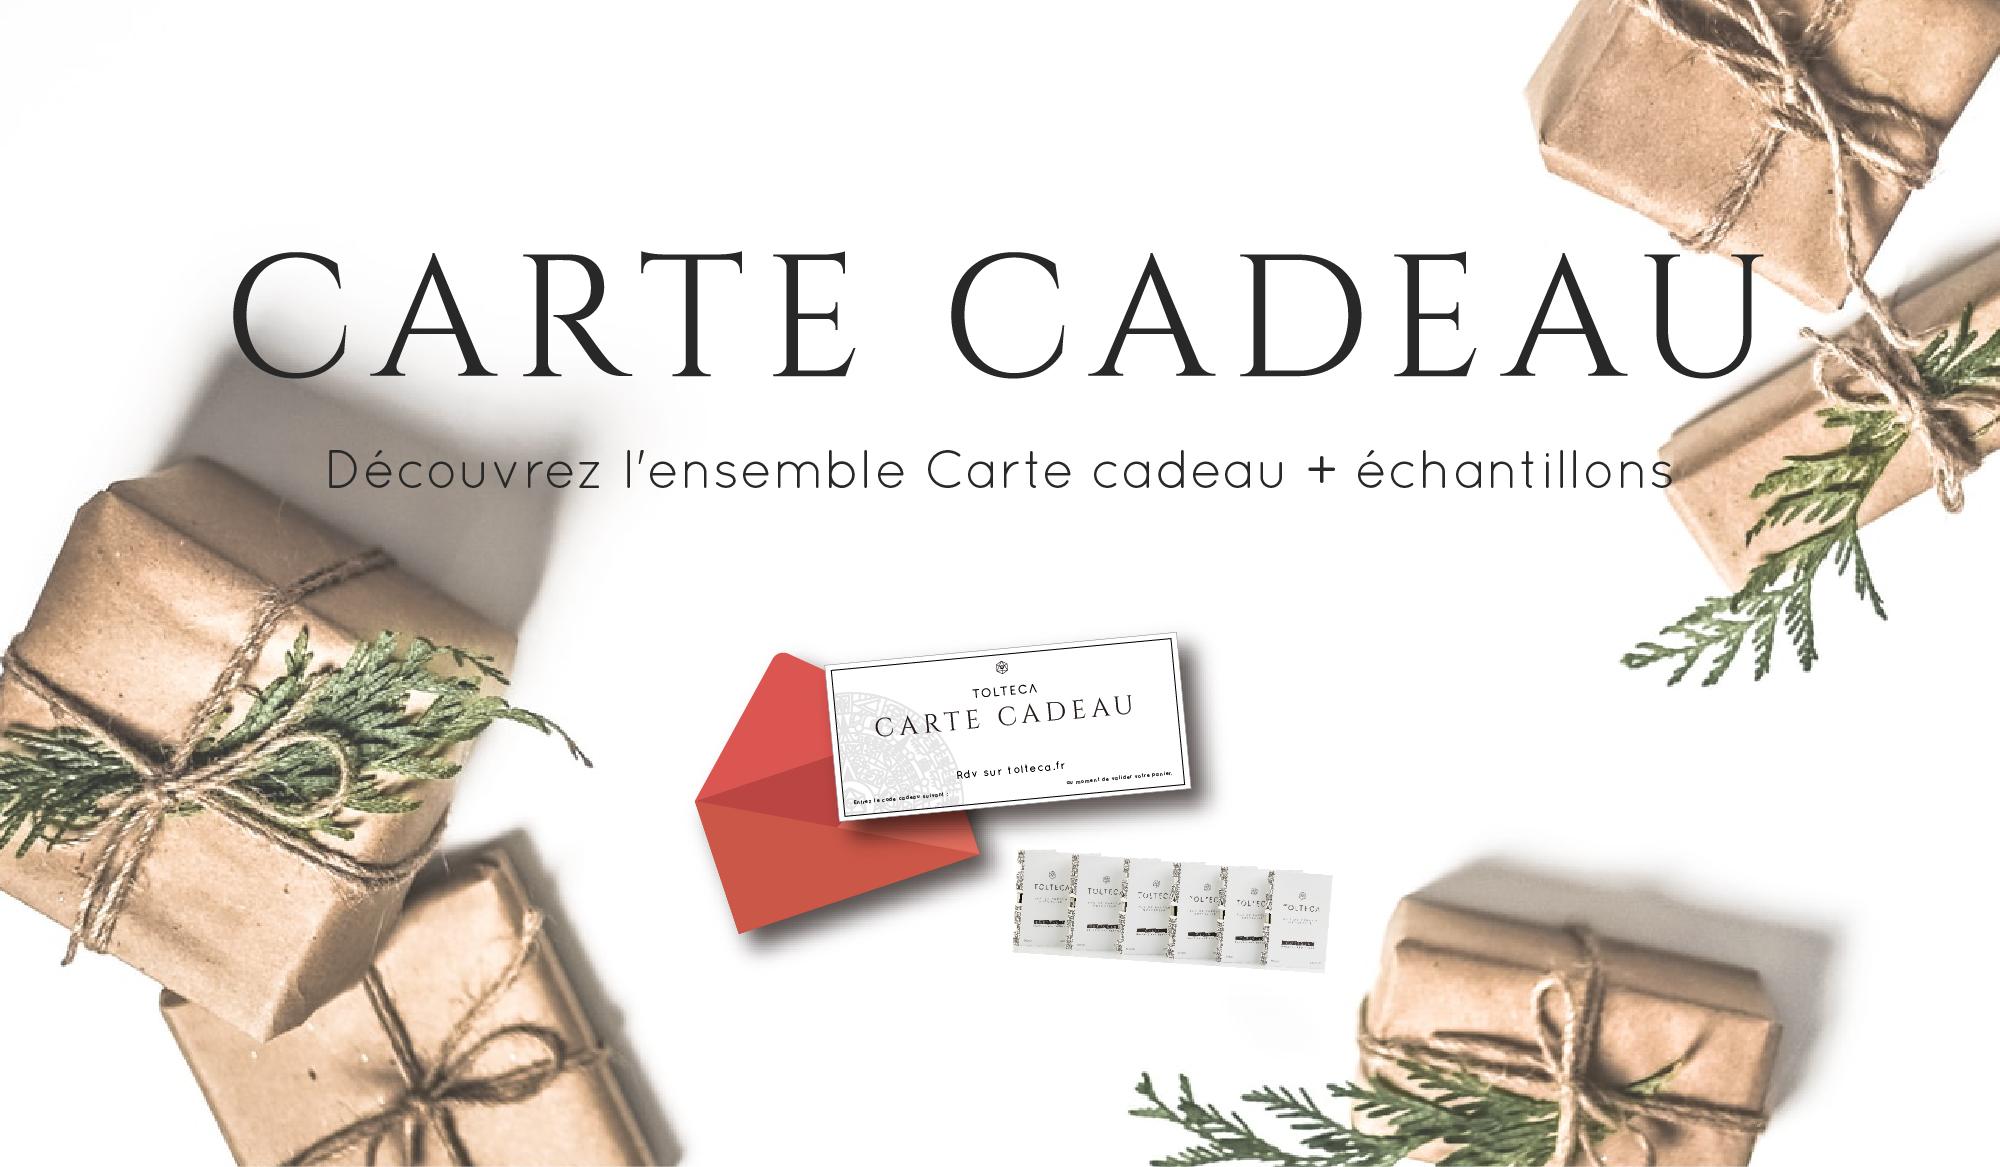 CARTE-CADEAU-Newsletter